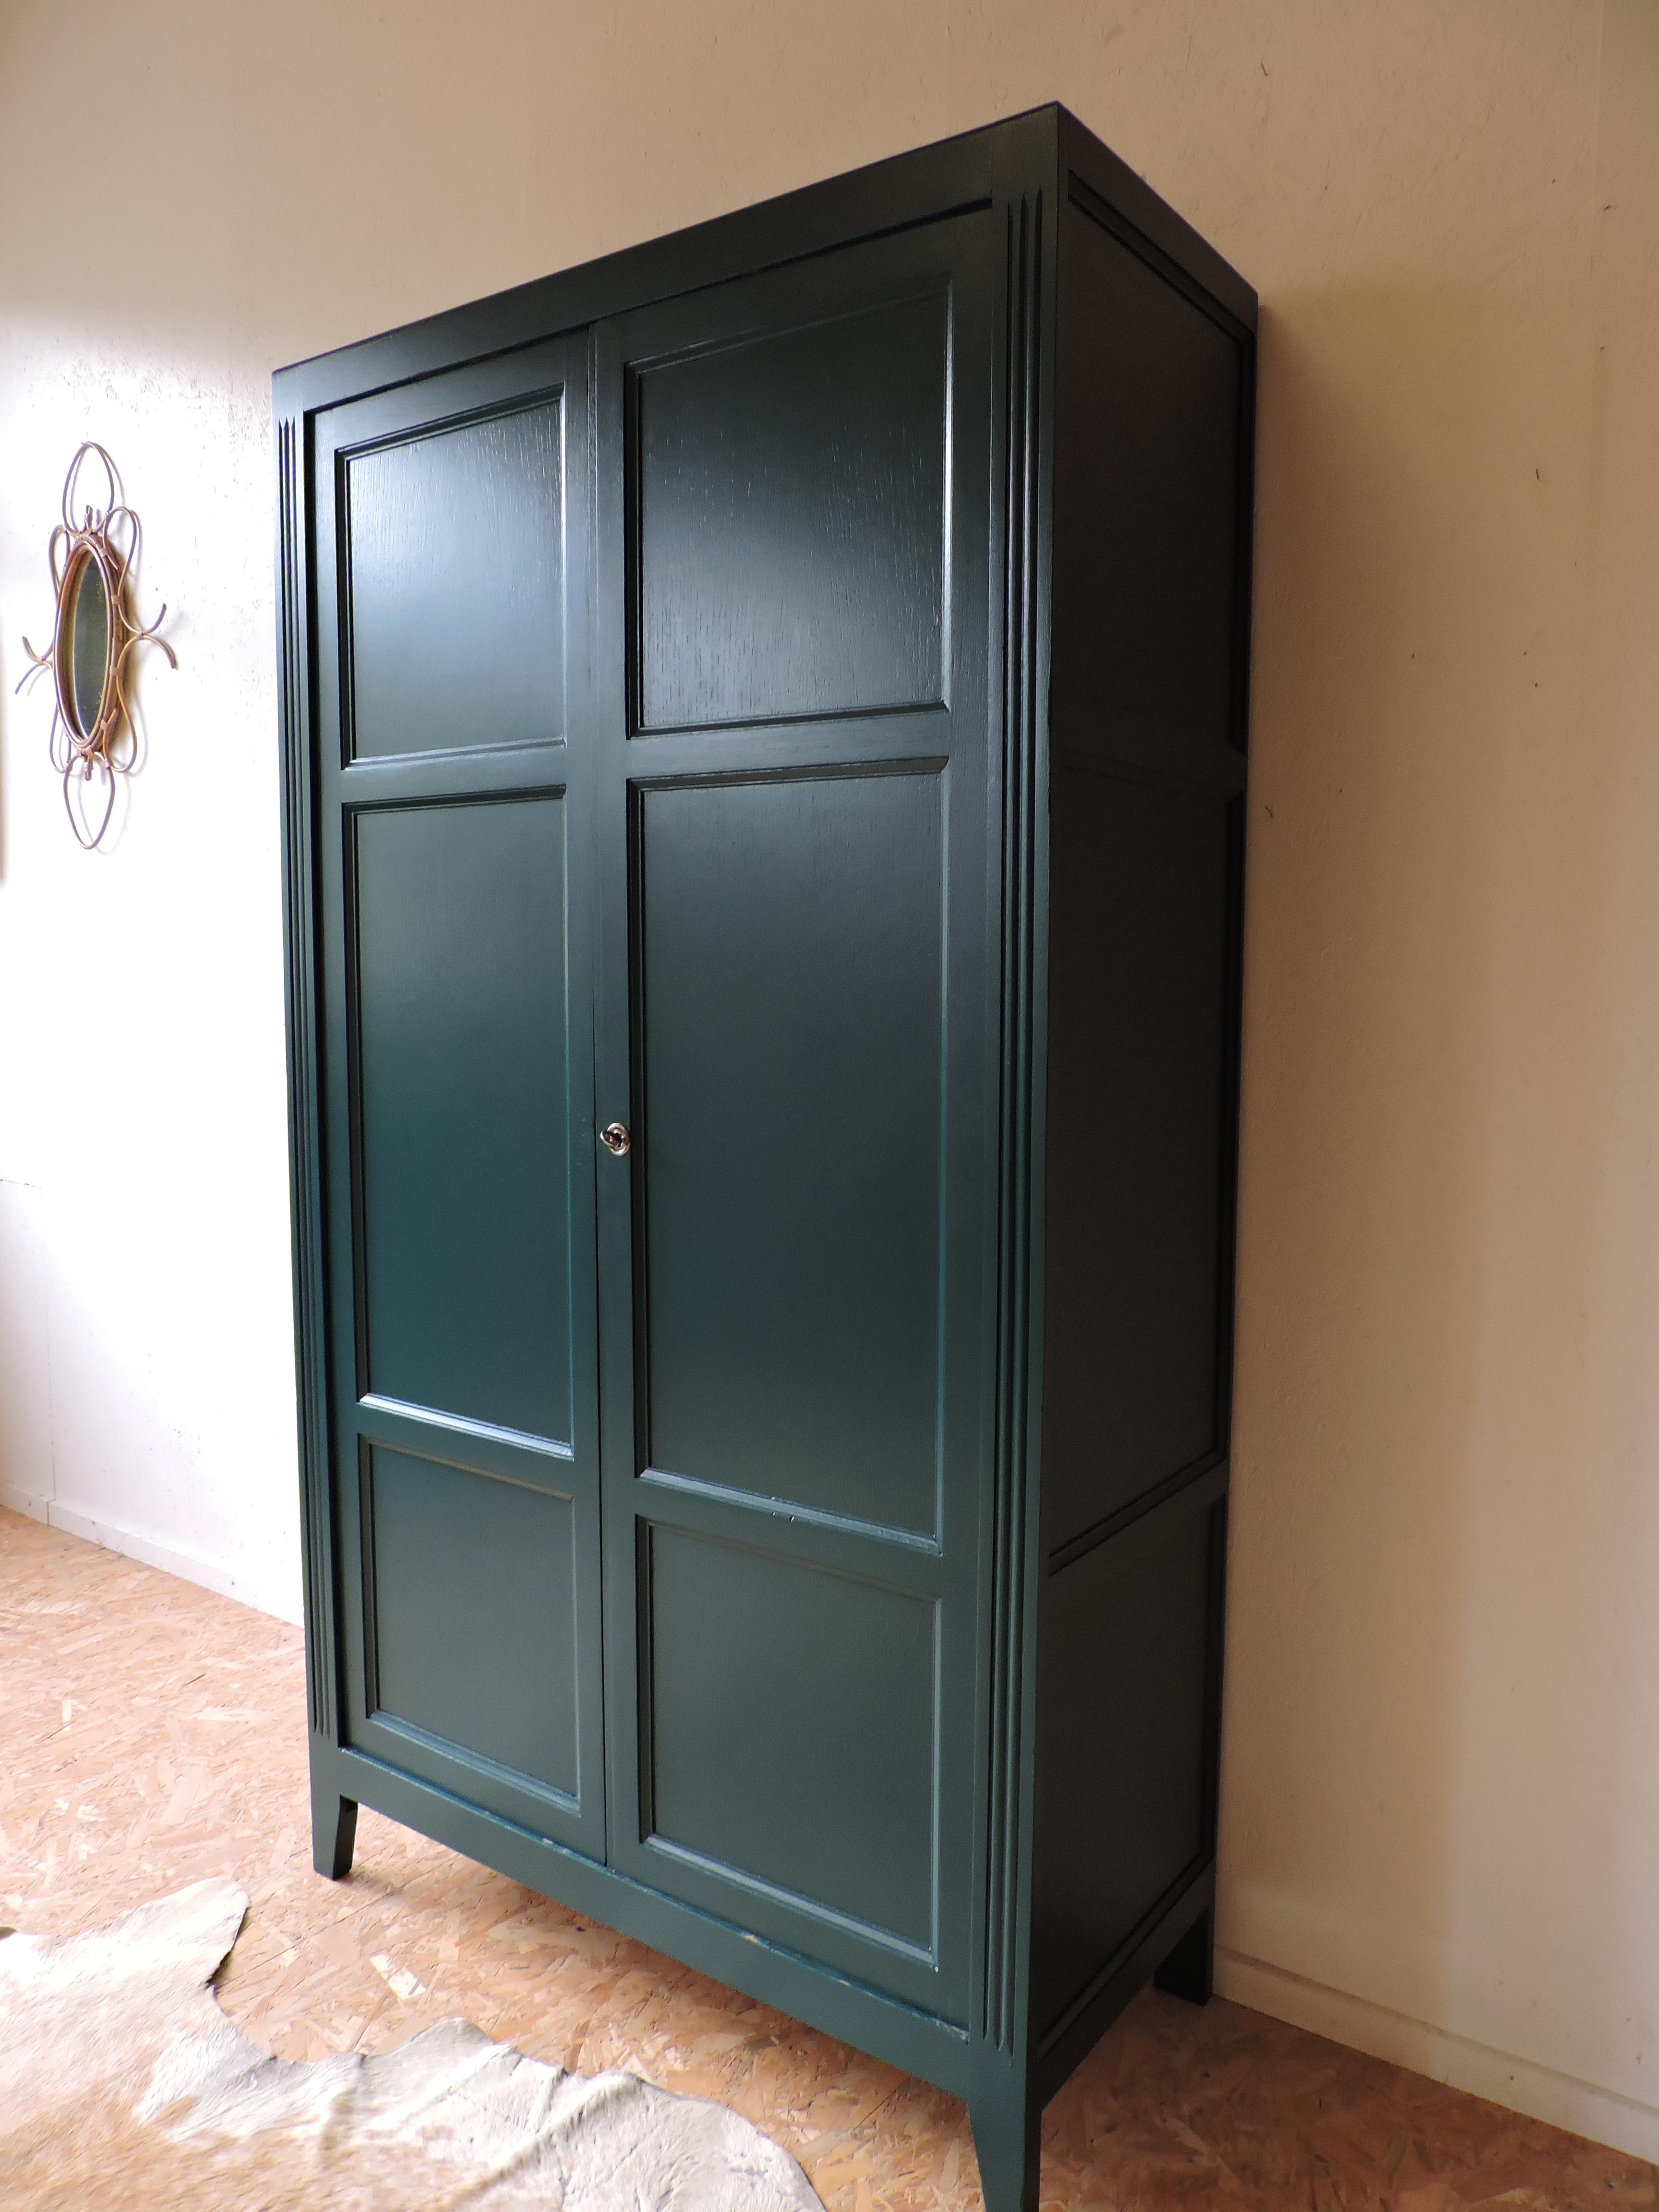 armoire parisienne années 4050 revisitée en vert canard